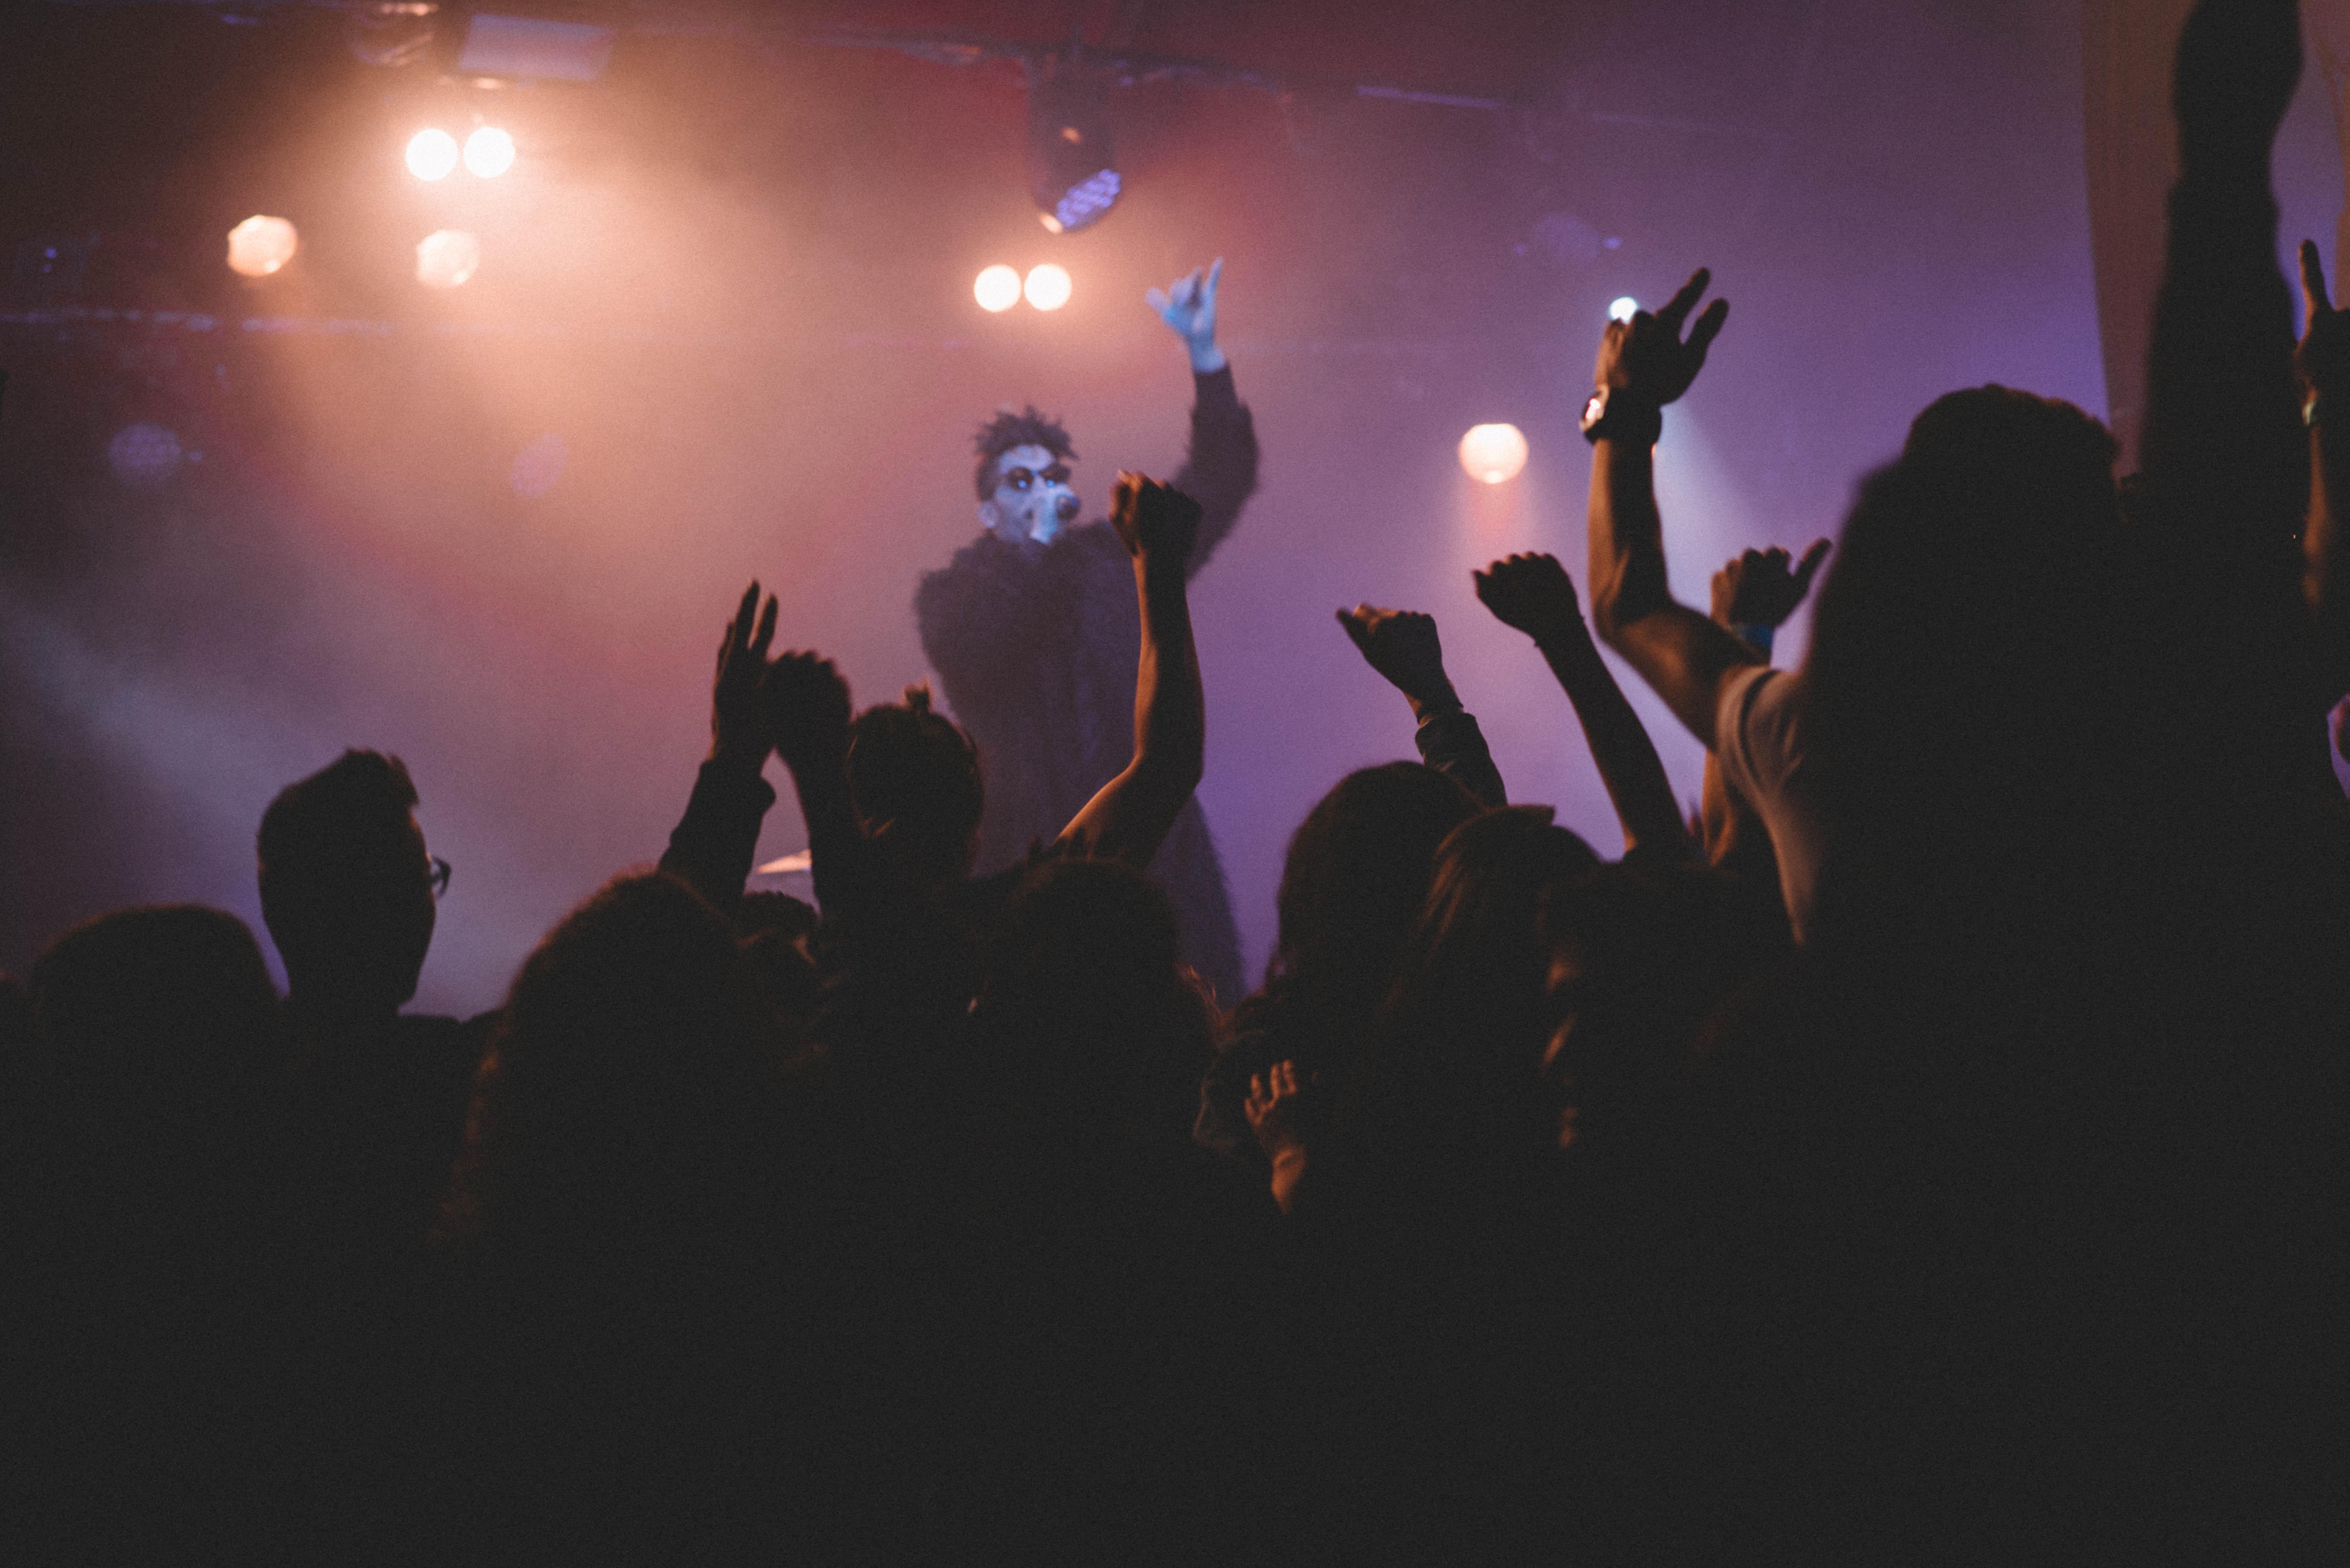 La musique en commun _ Cabaret Sauvage 2017 crédit Poppy Moukoukenoff